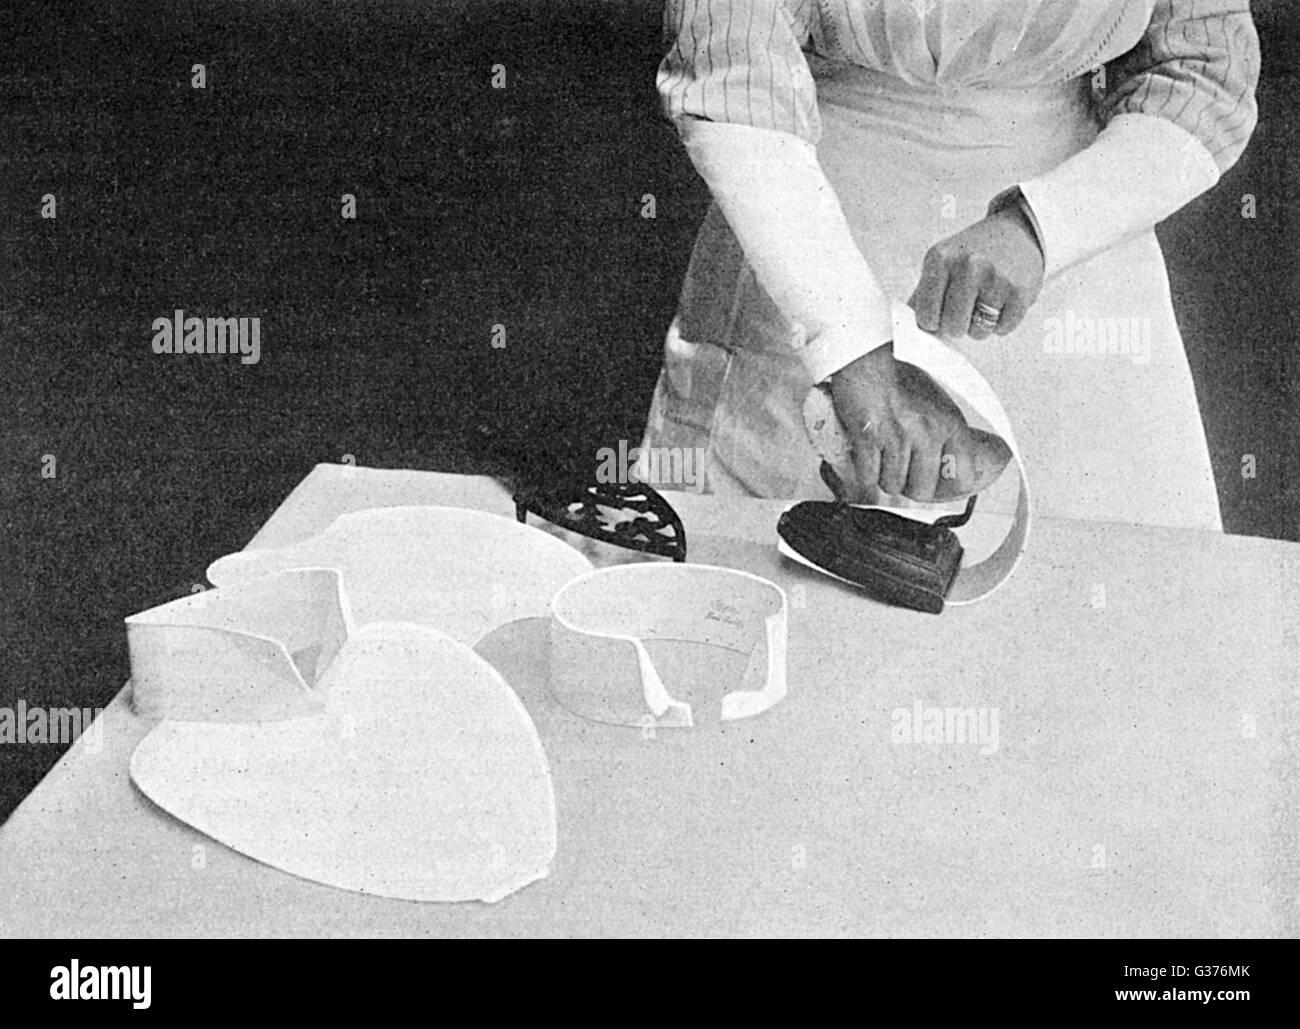 Fotografia che mostra la tecnica per la stiratura di bib e collari in 1911. Data: 1911 Immagini Stock